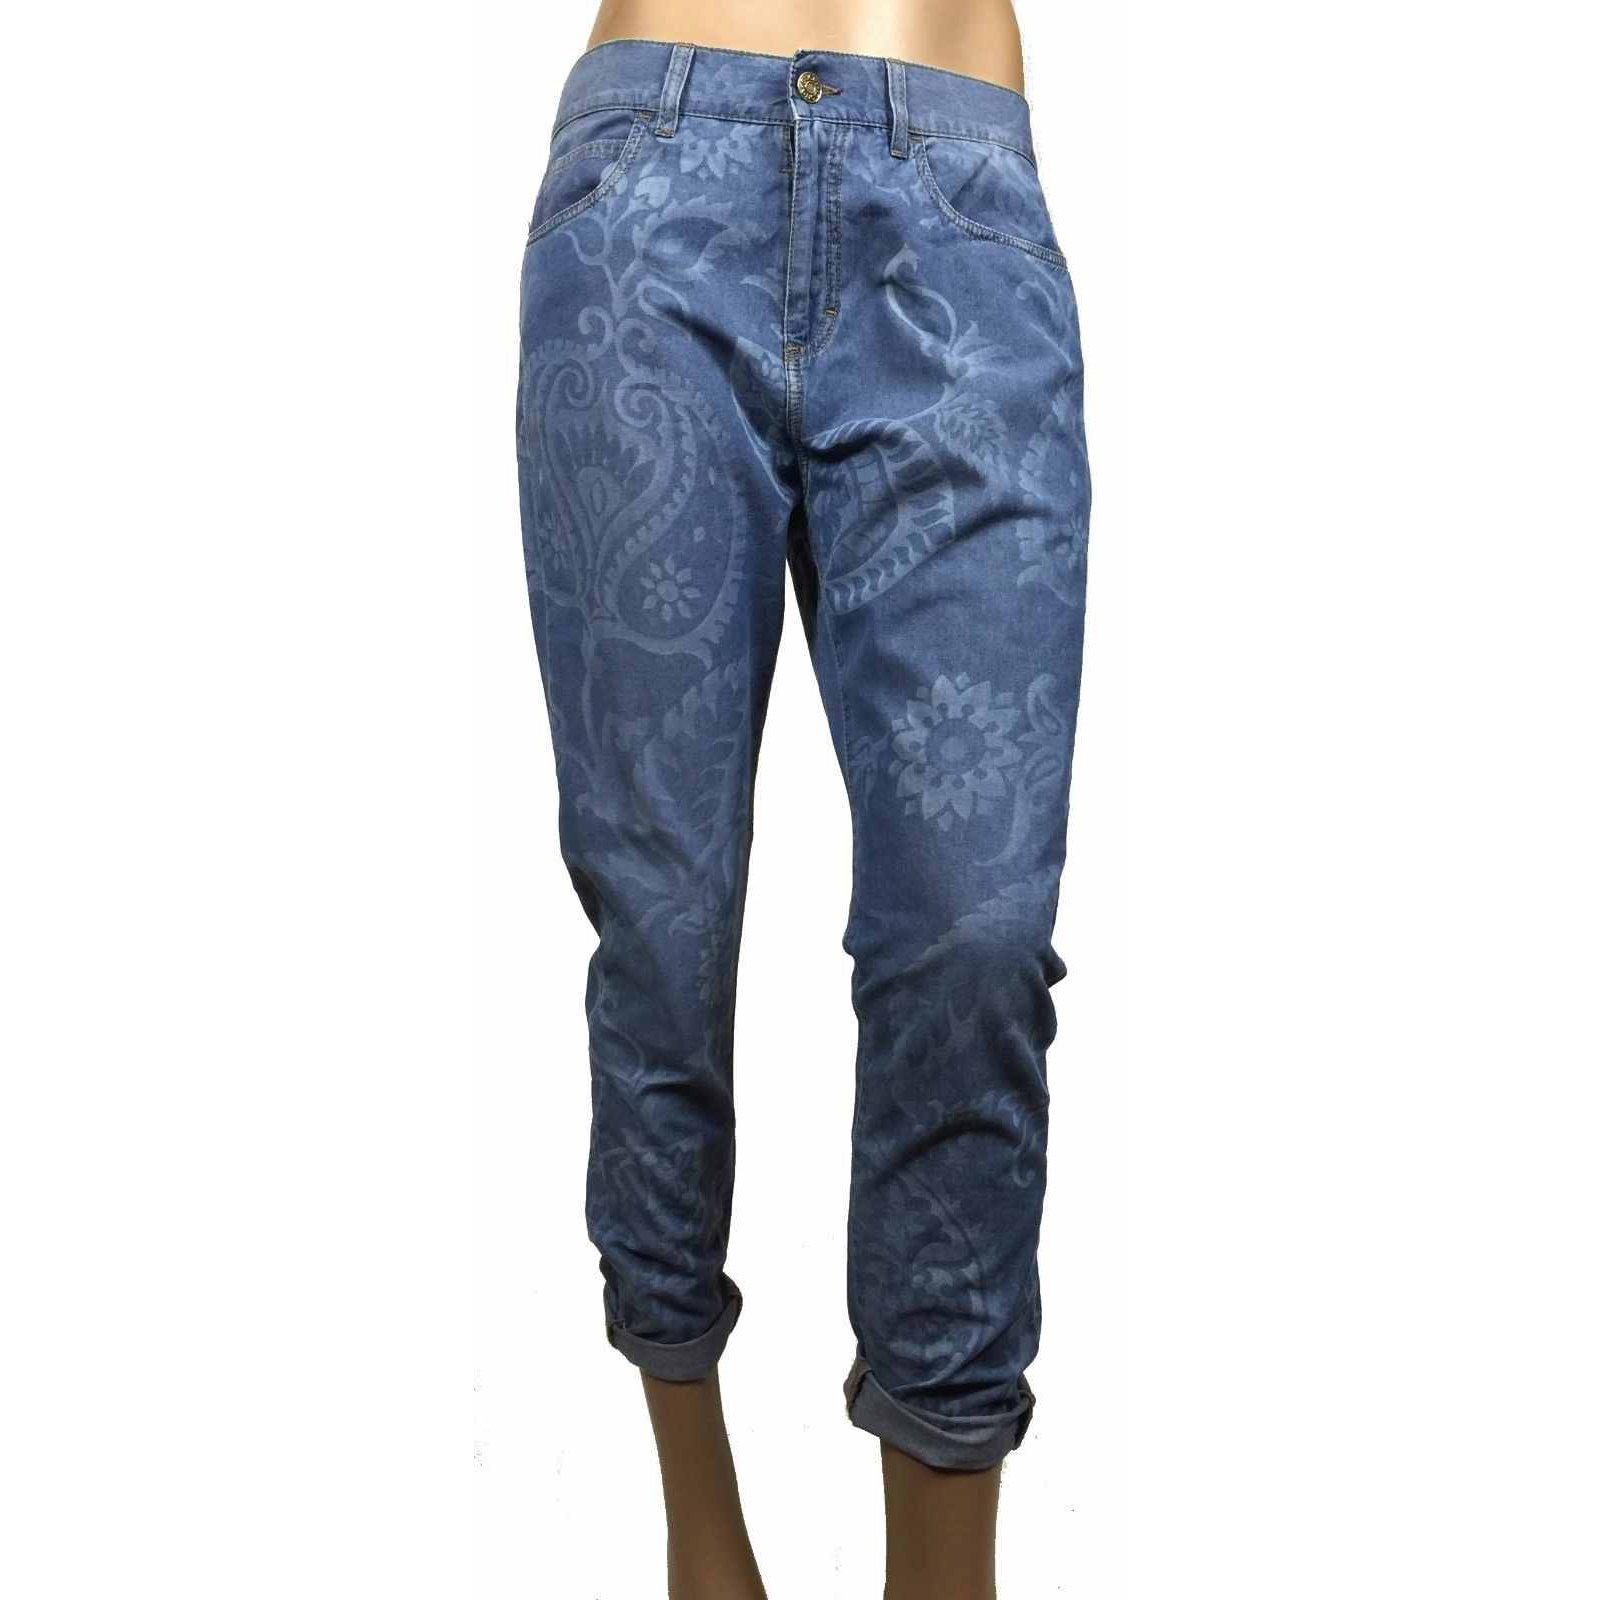 jeans gucci jean coton bleu joli closet. Black Bedroom Furniture Sets. Home Design Ideas